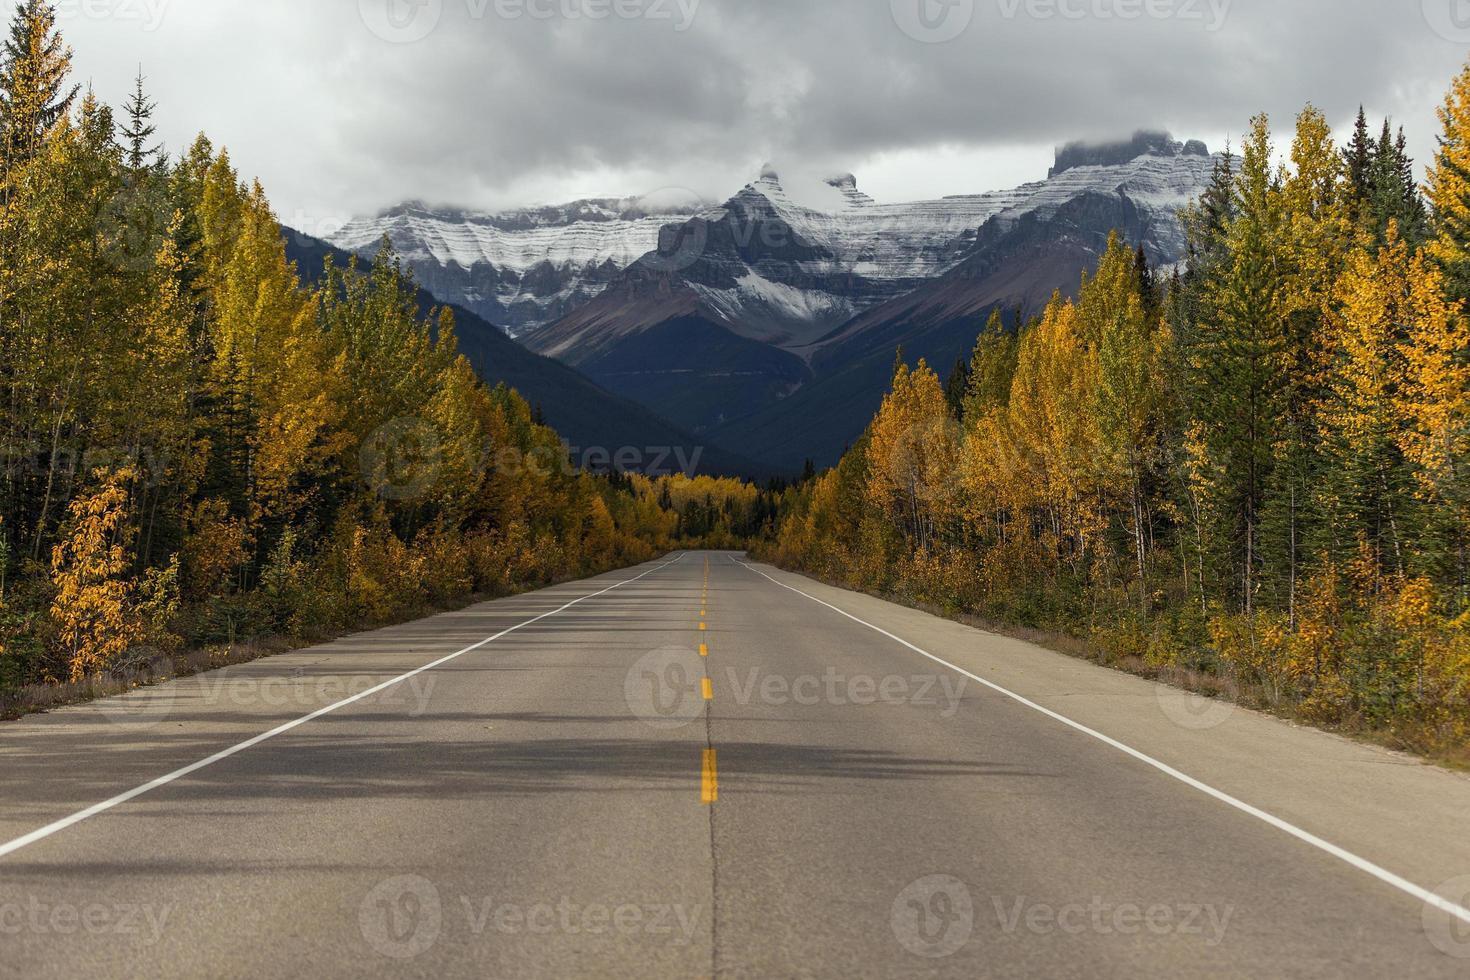 autostrada autunnale foto